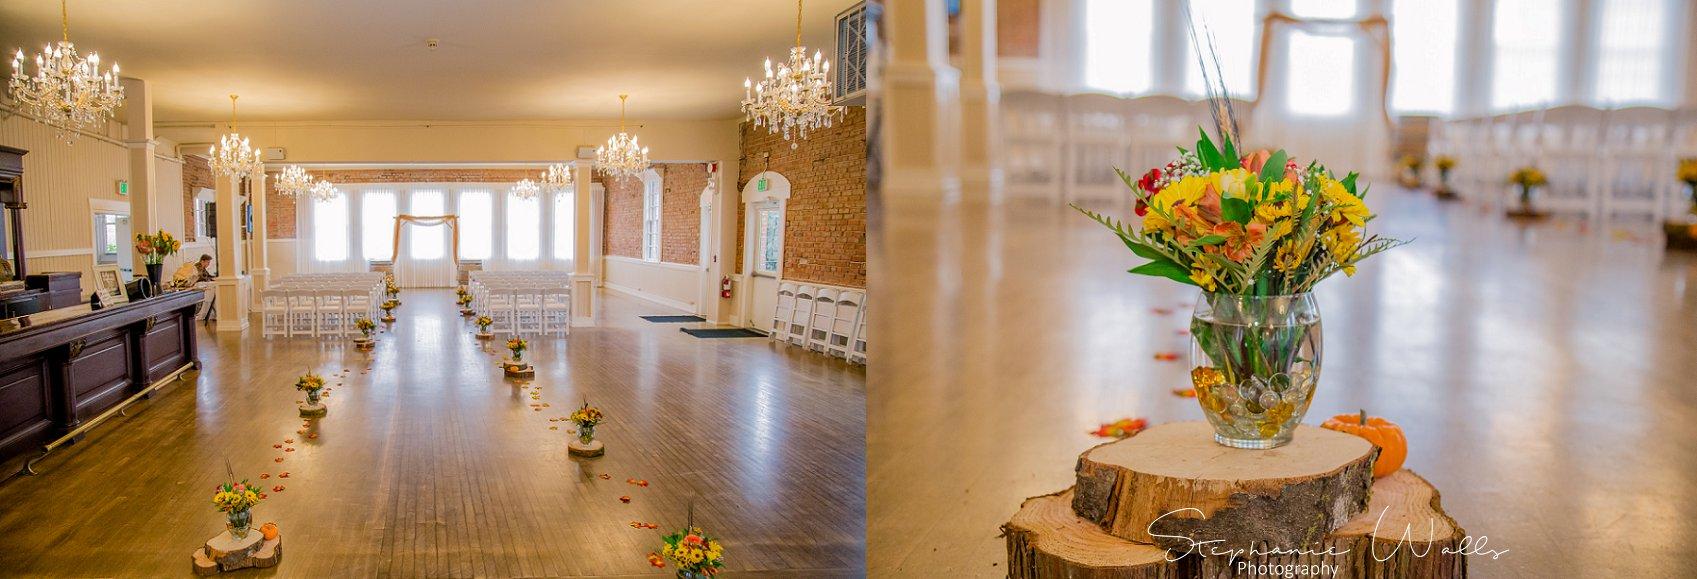 Olson Details 081 KK & Zack | Hollywood Schoolhouse Wedding | Woodinville, Wa Wedding Photographer